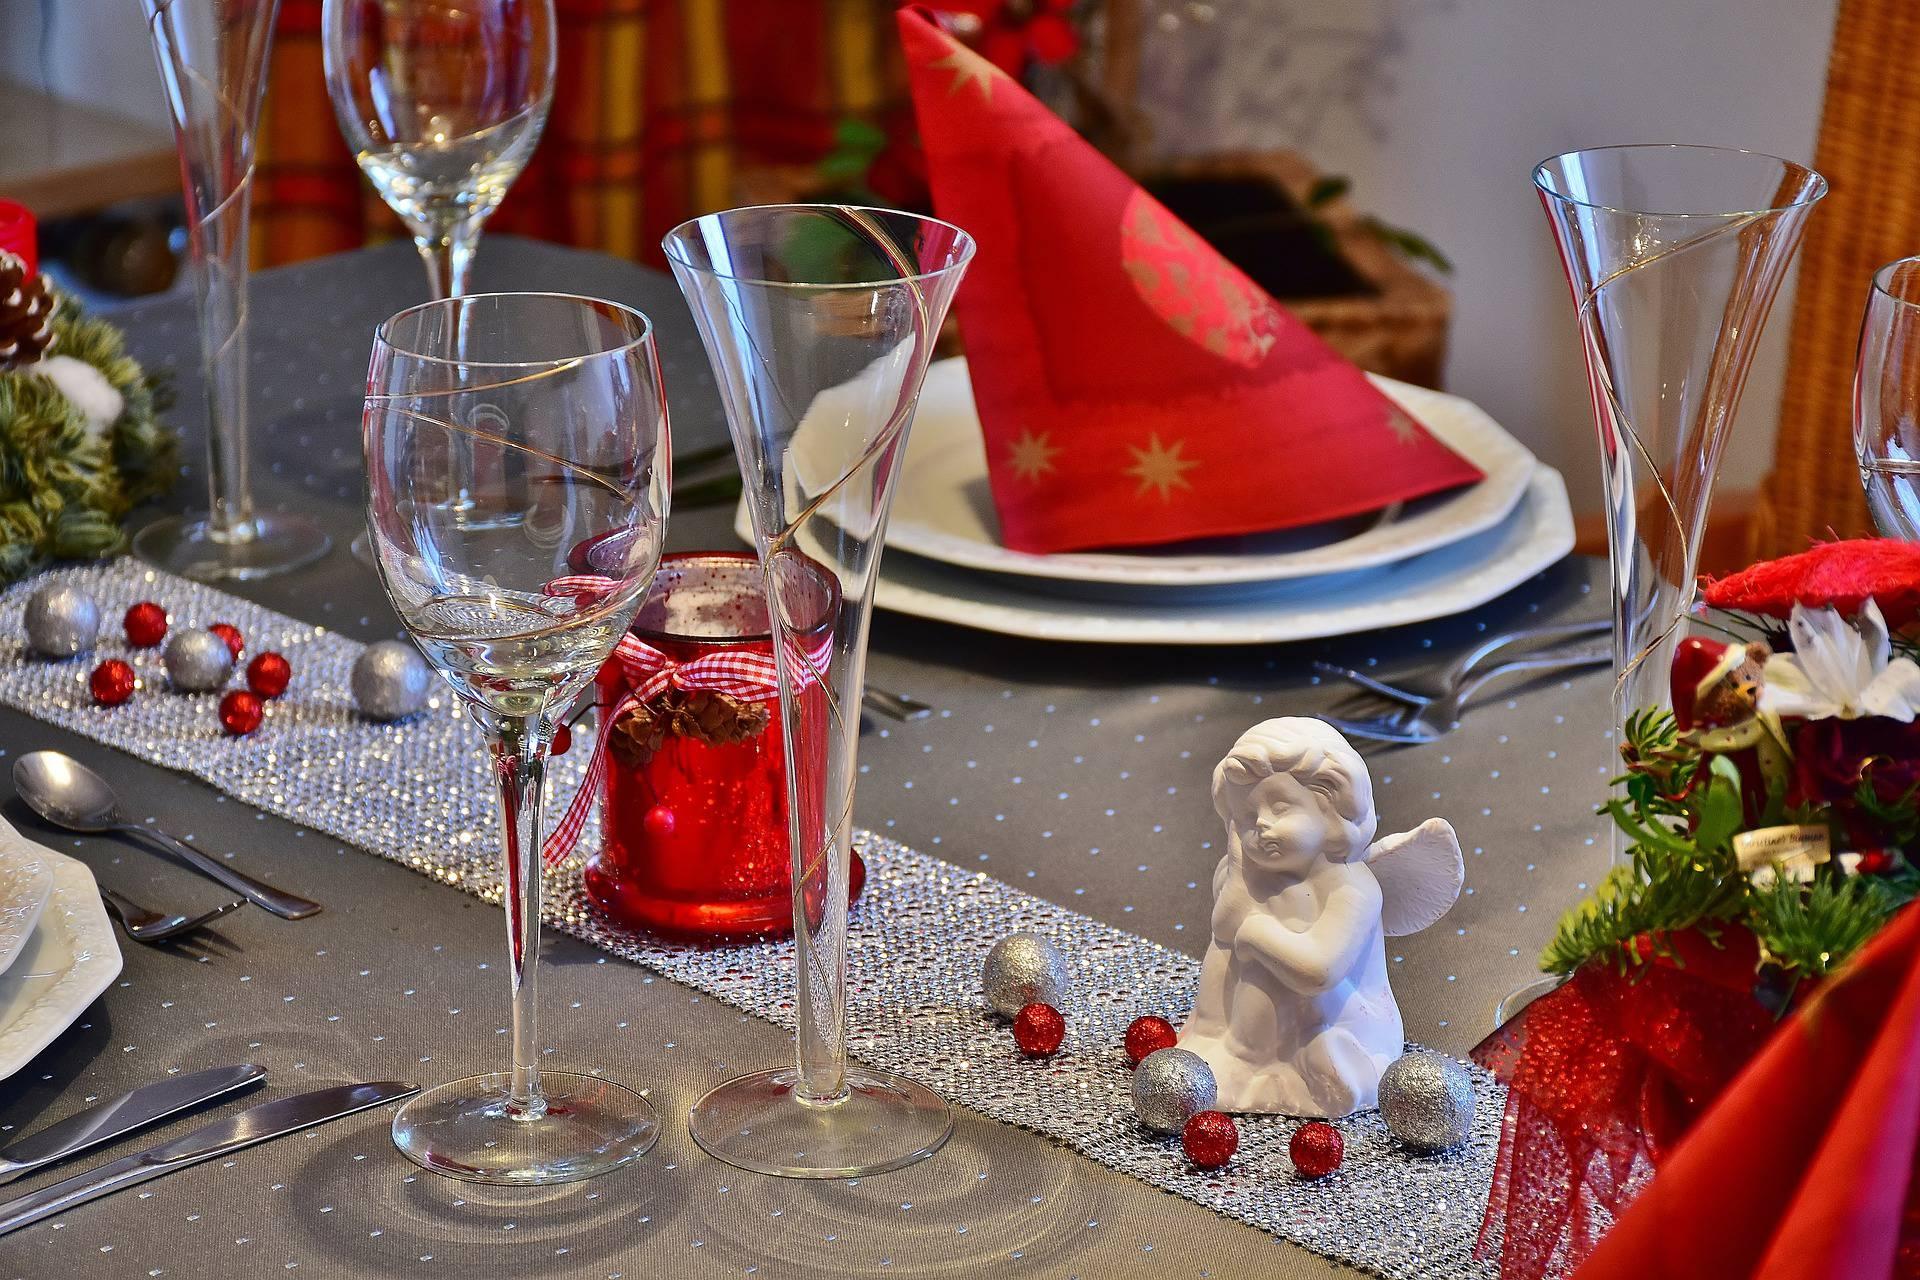 Antipasti Di Natale Vegetariano.Pranzo Di Natale 2018 Vegetariano Tante Ricette Facili E Veloci